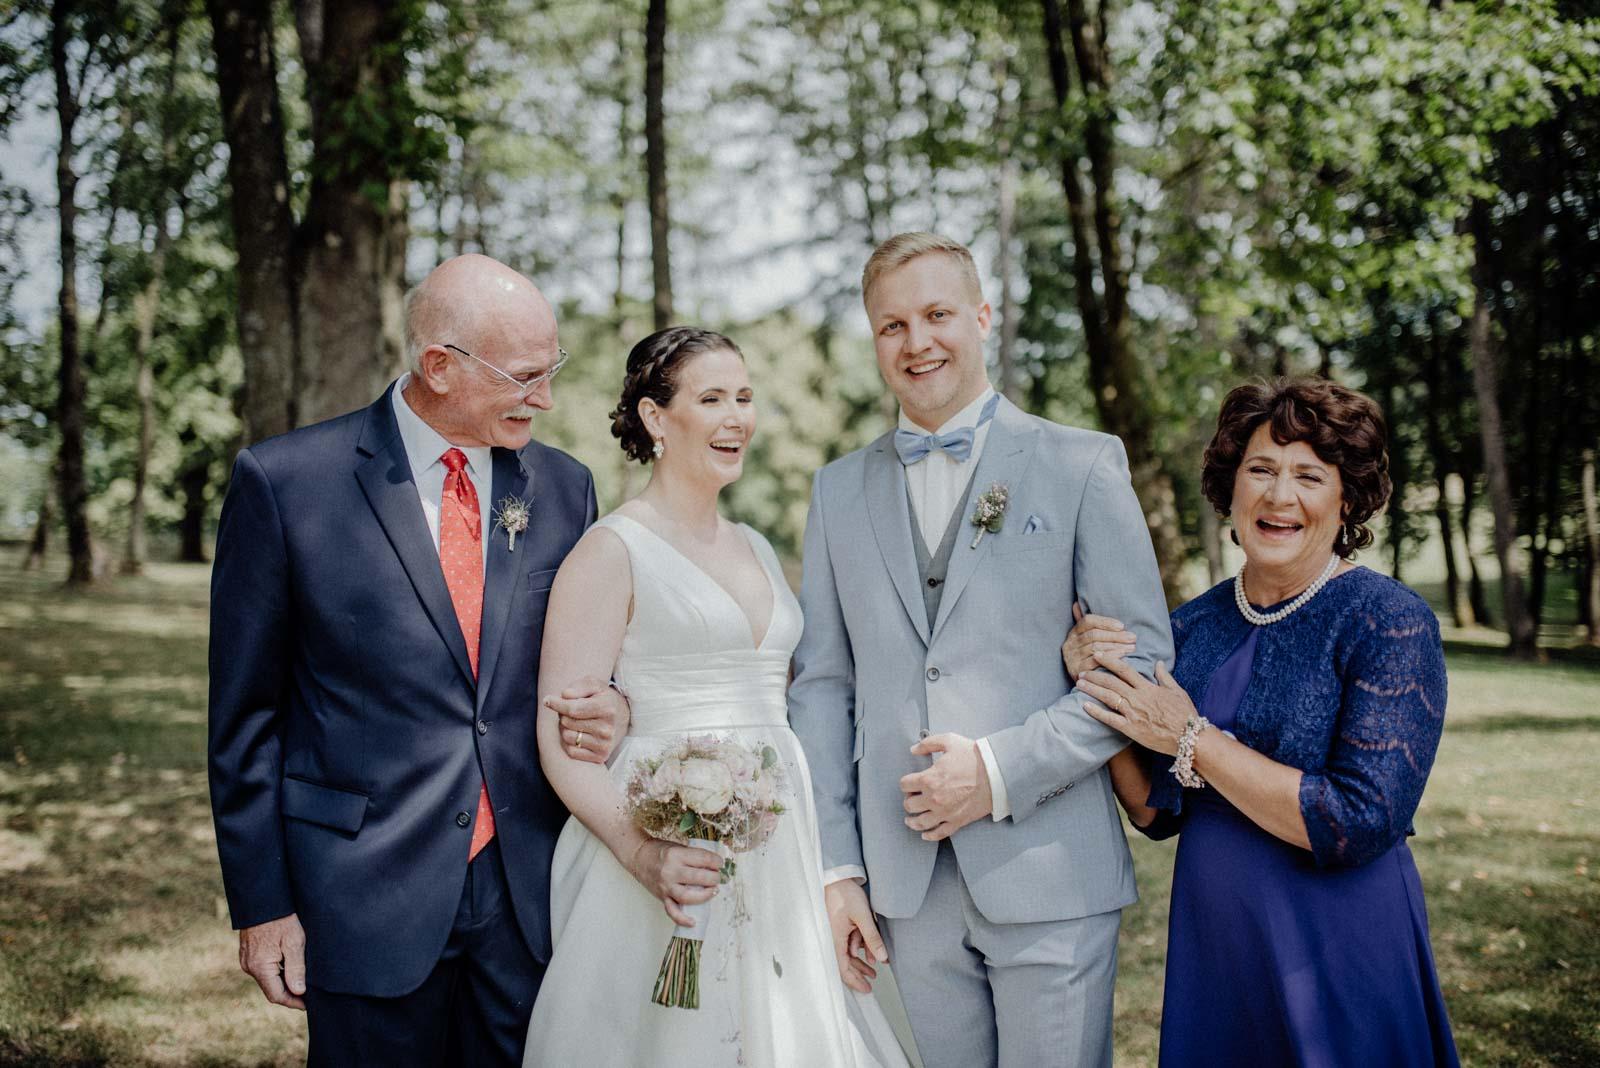 Ein Familienfoto auf dem alle lachen